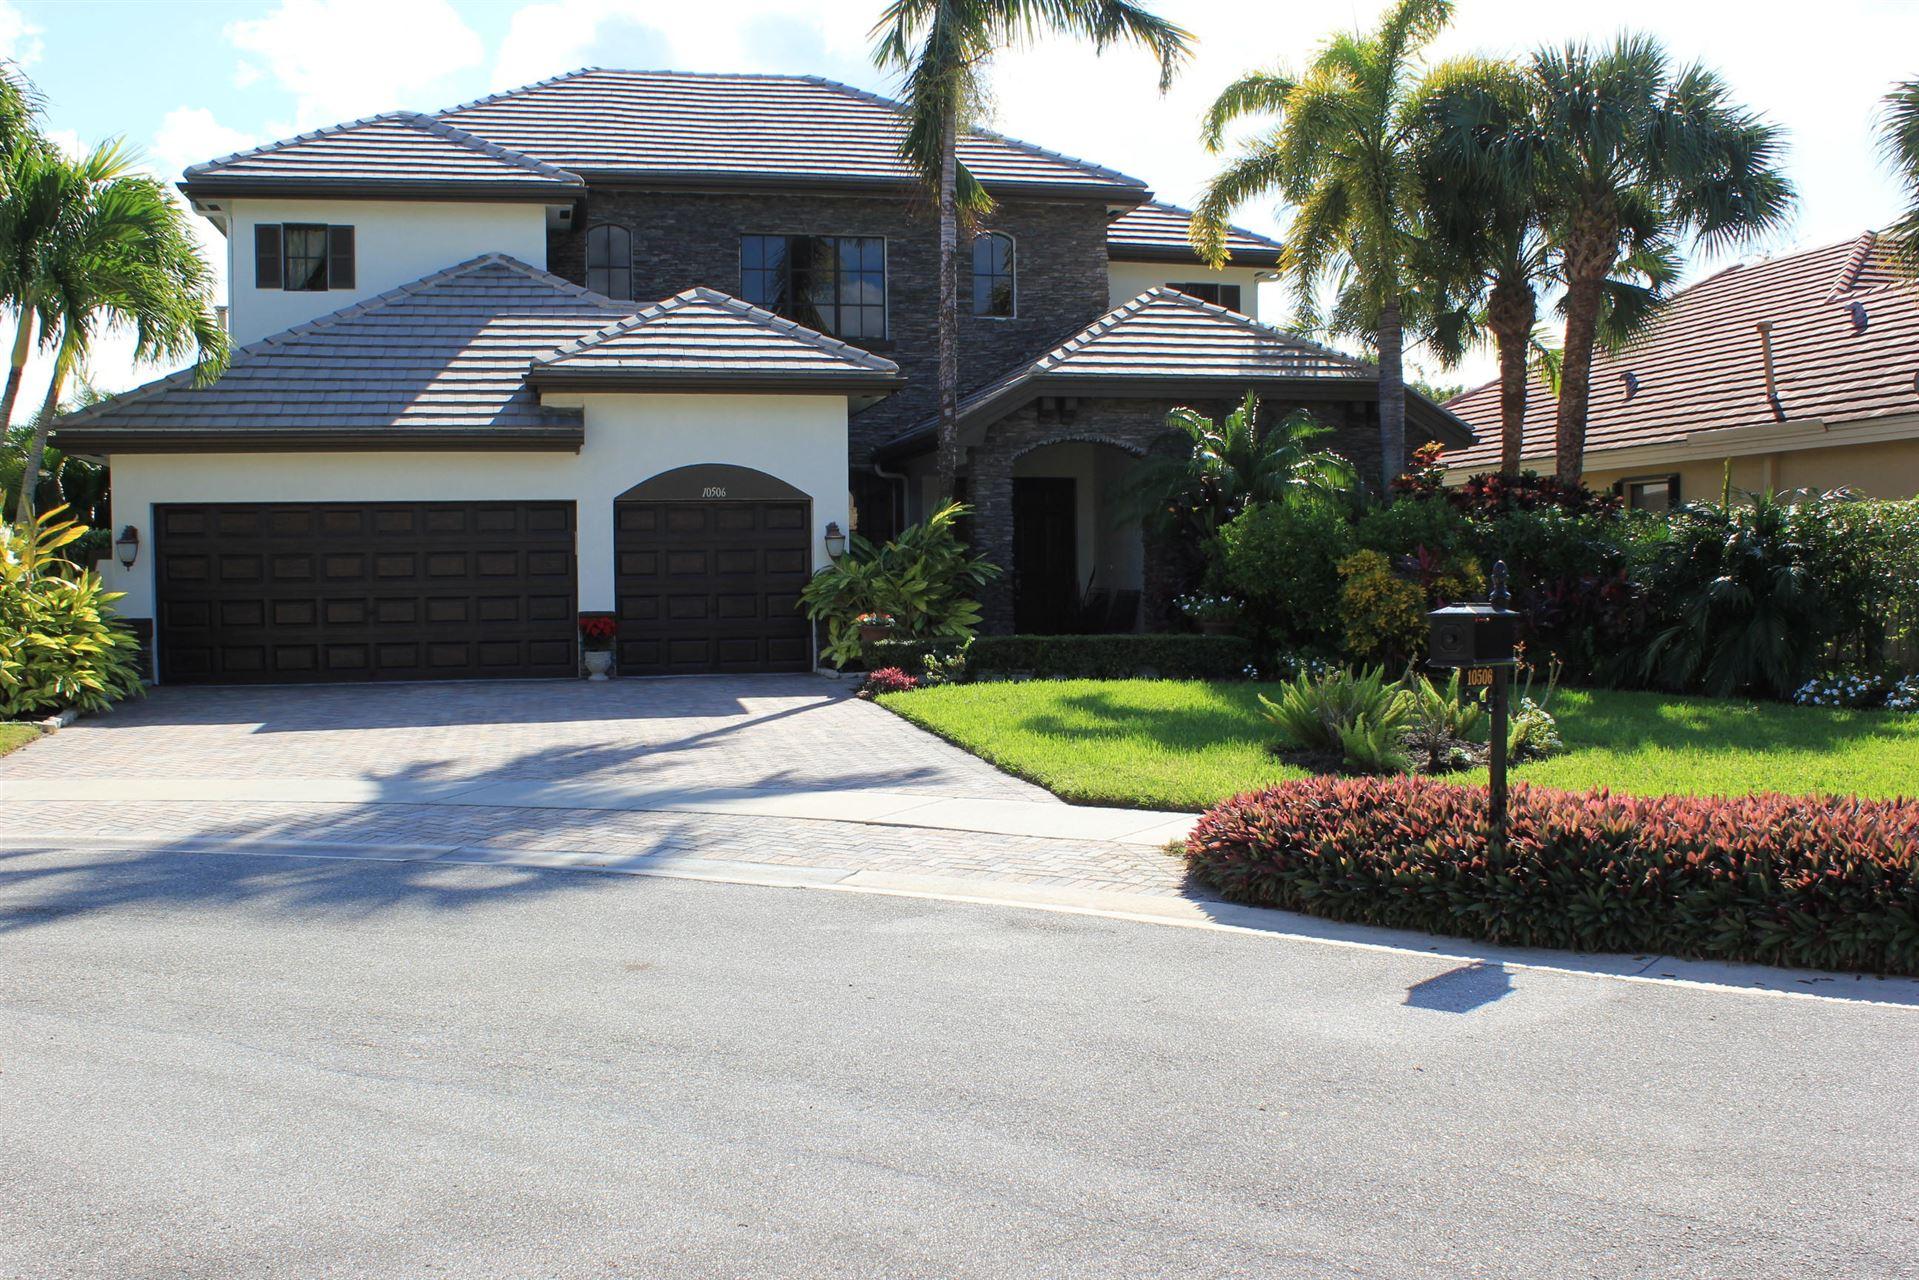 10506 Vignon Court, Wellington, FL 33449 - #: RX-10674611